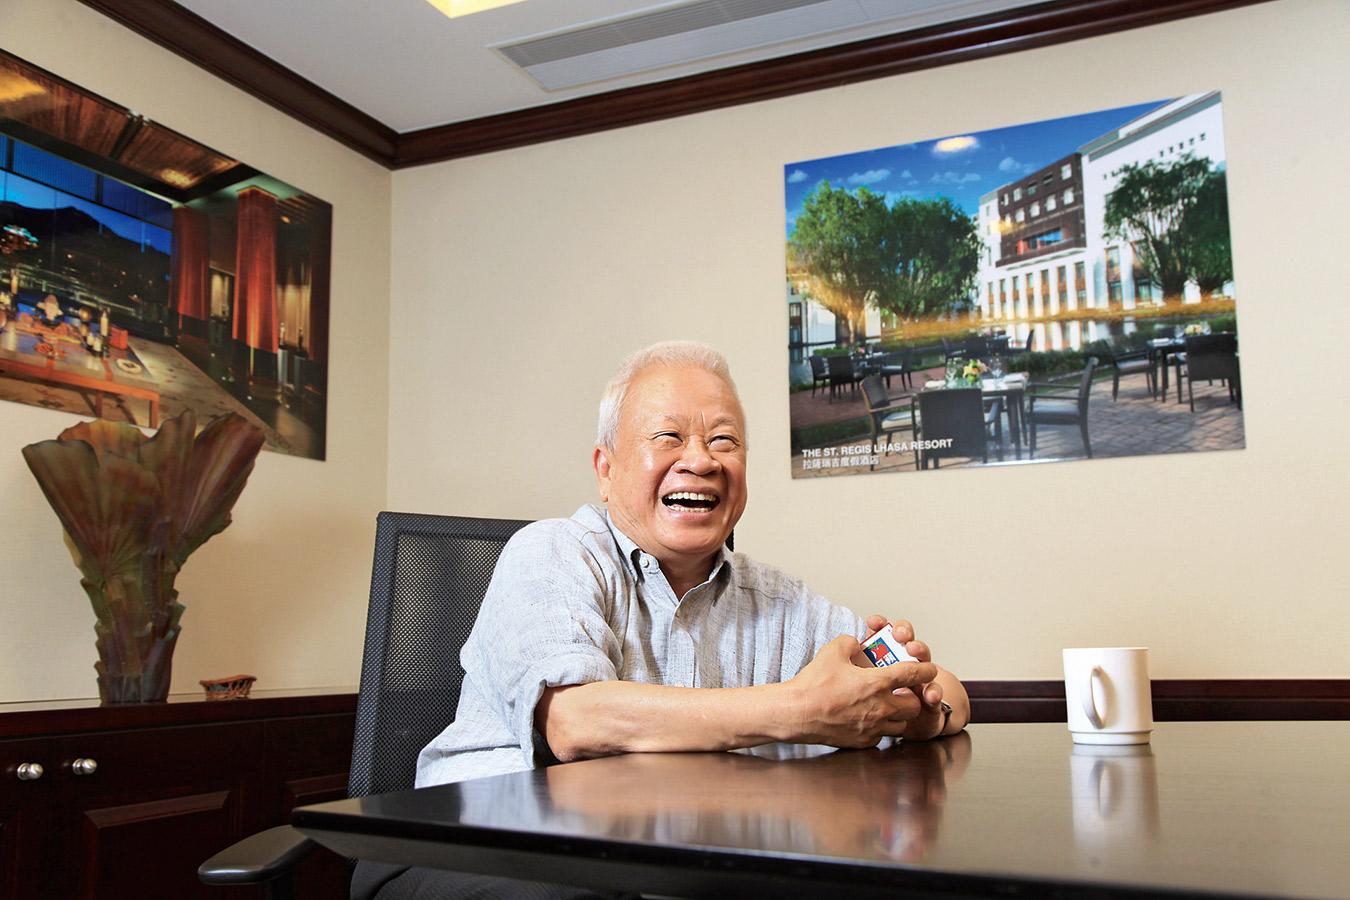 今年郭炎不僅擔任國泰金控董事,並重返香港中信集團接掌董事會主席,震撼兩岸三地商場。